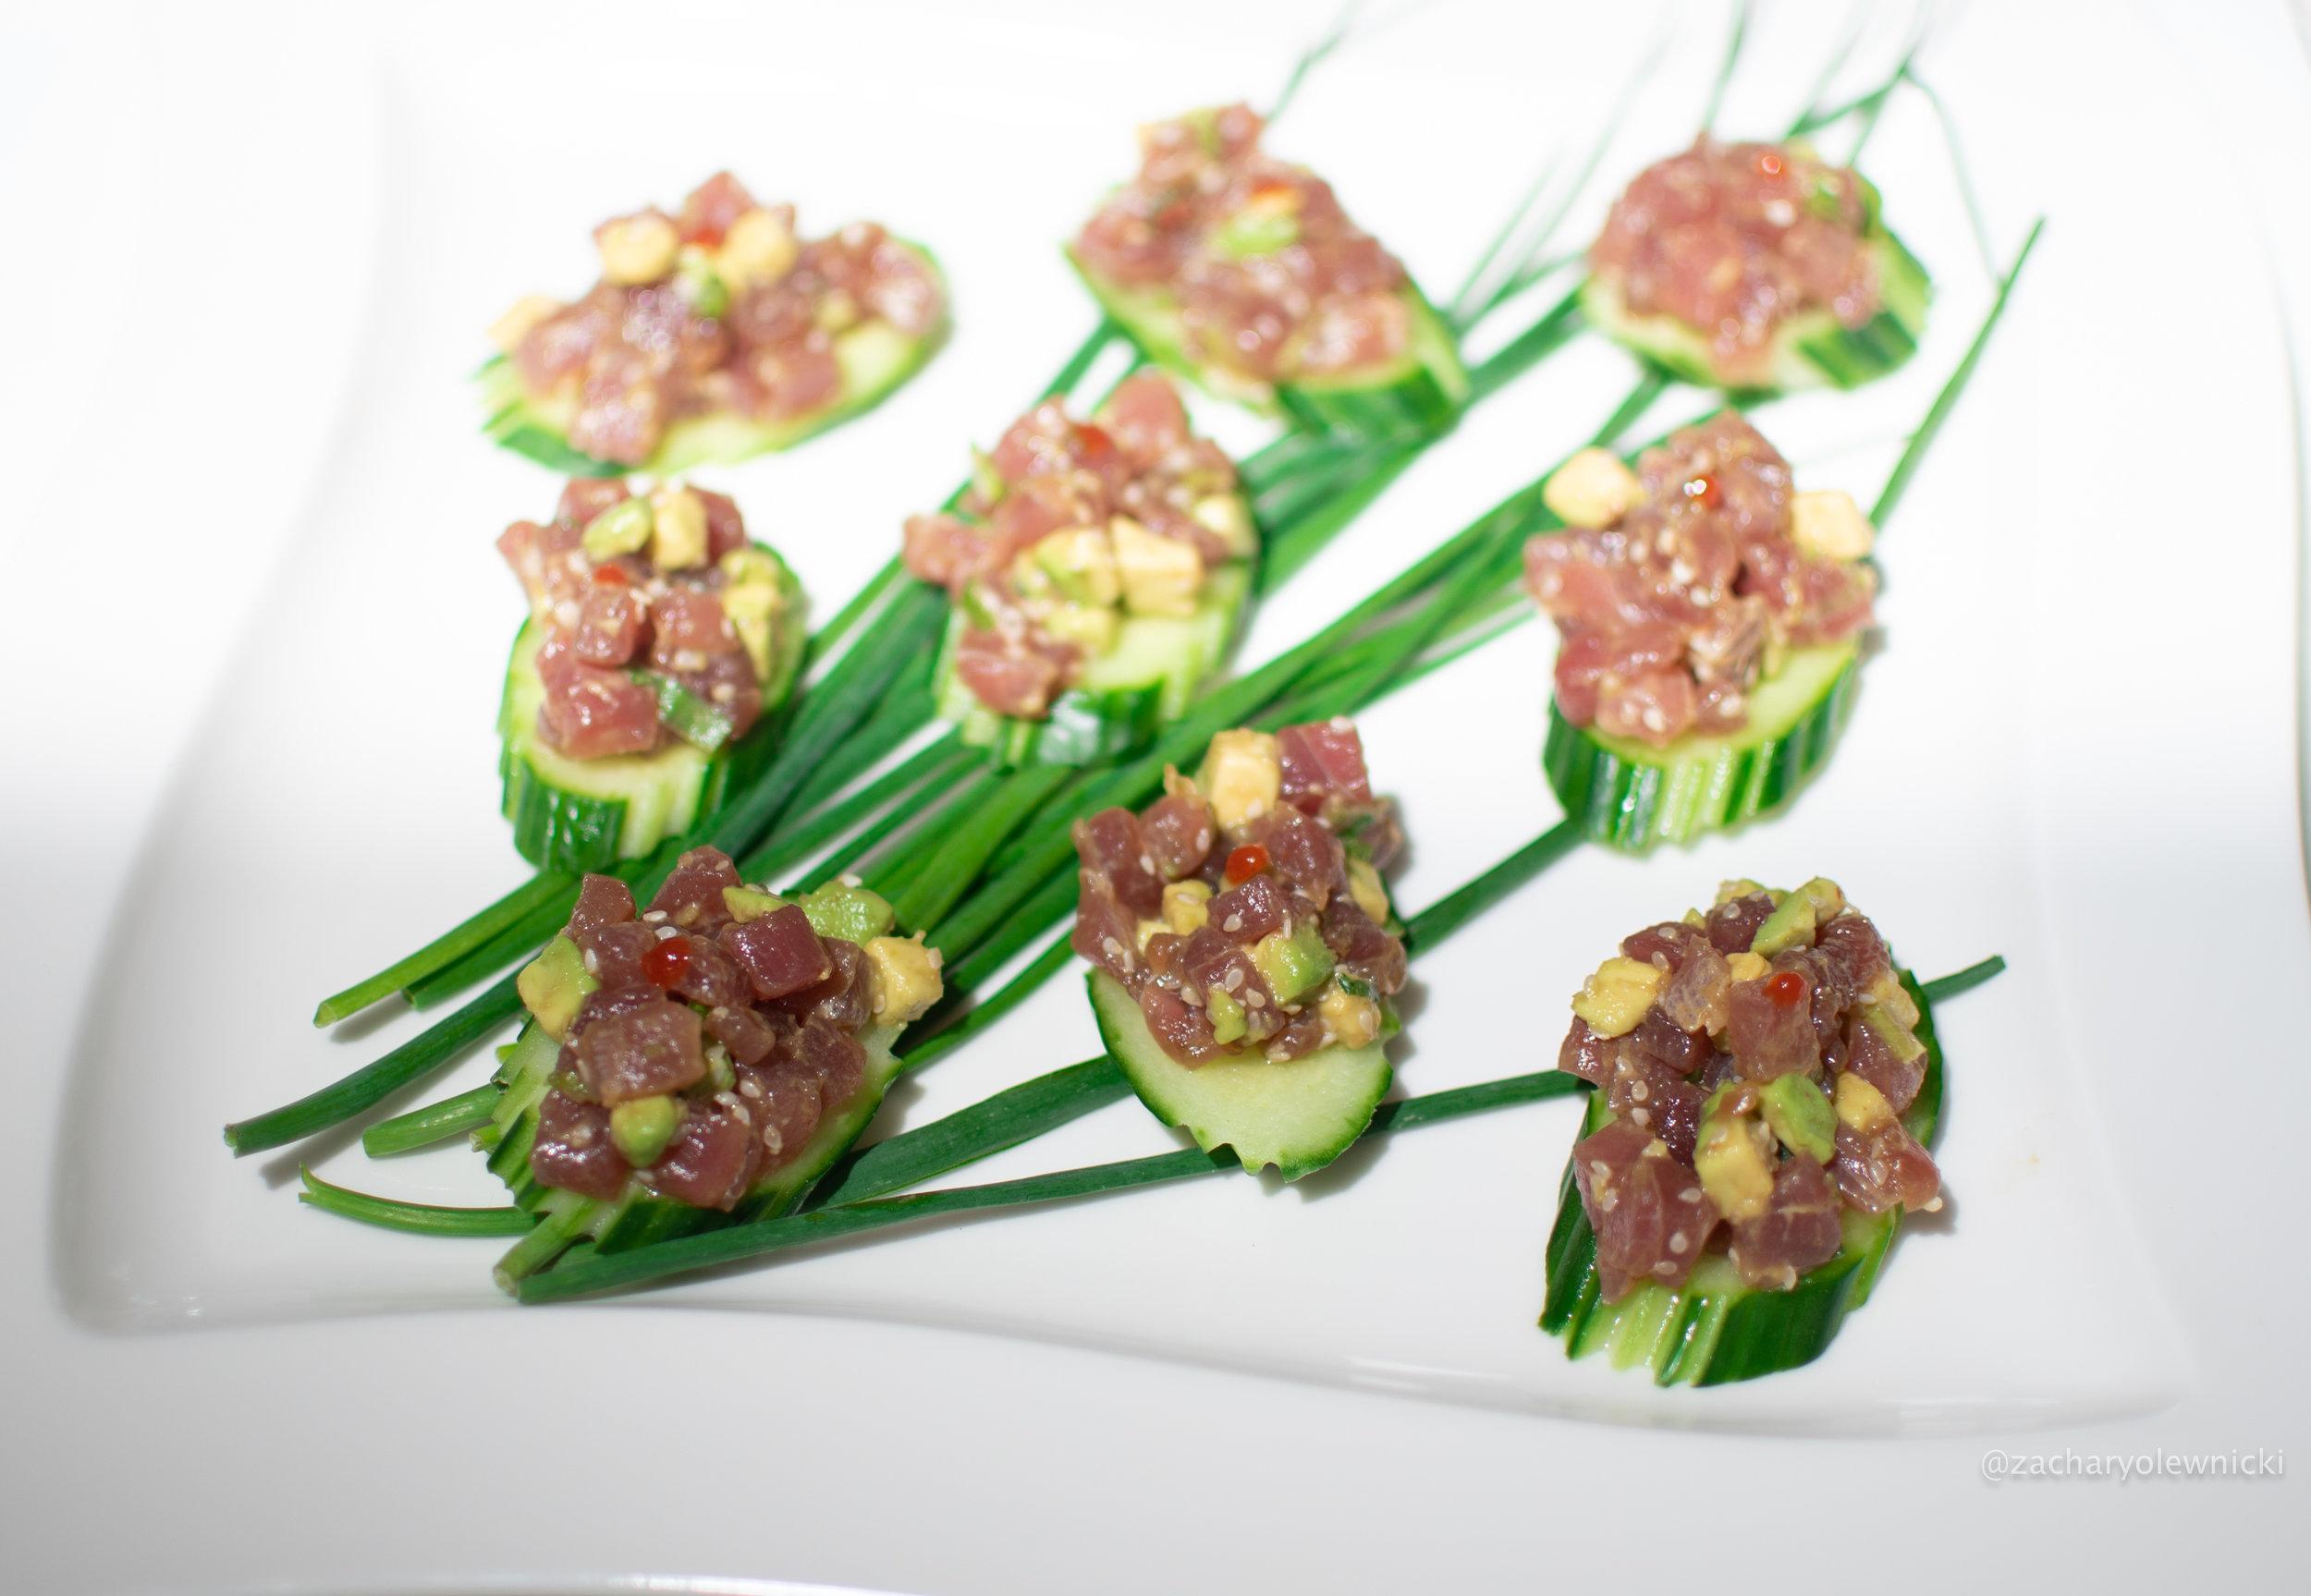 Tuna Tartar On Top of Cucumber